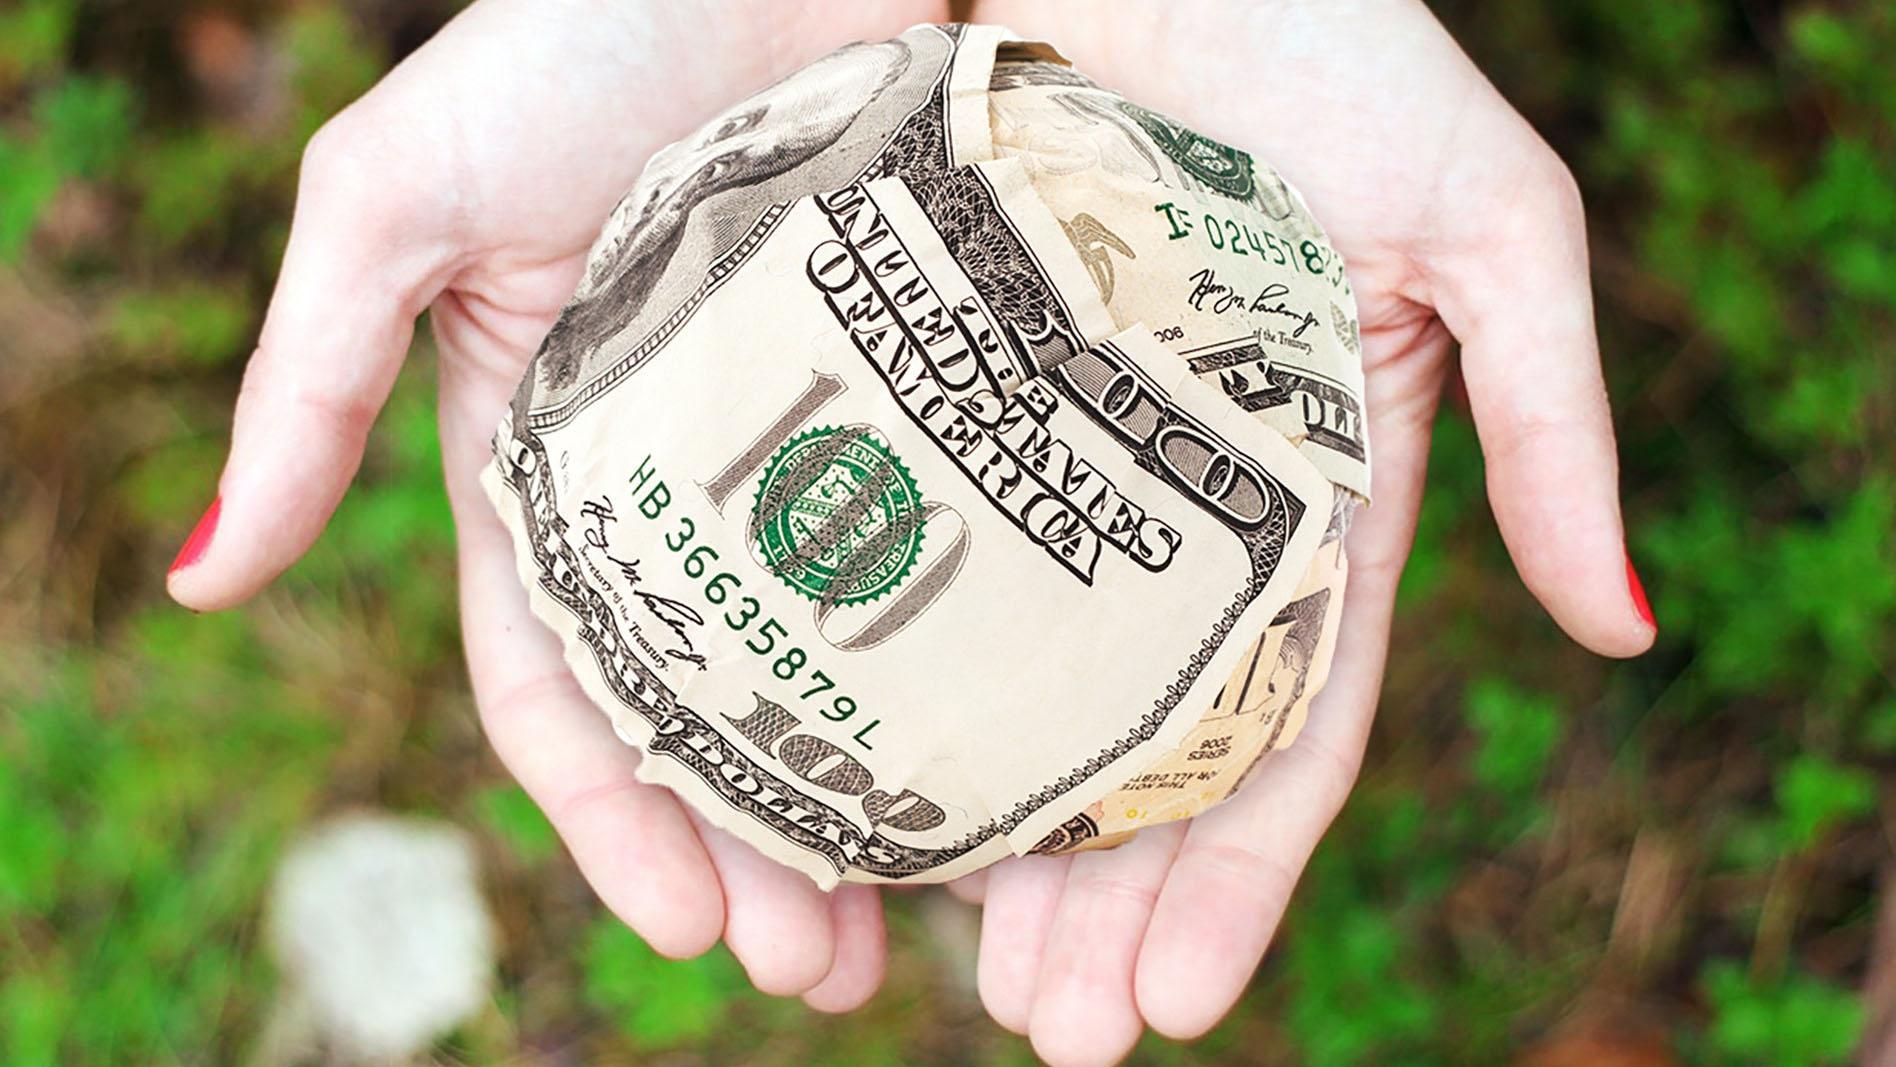 Charitable donation_1544734505297.jpg.jpg